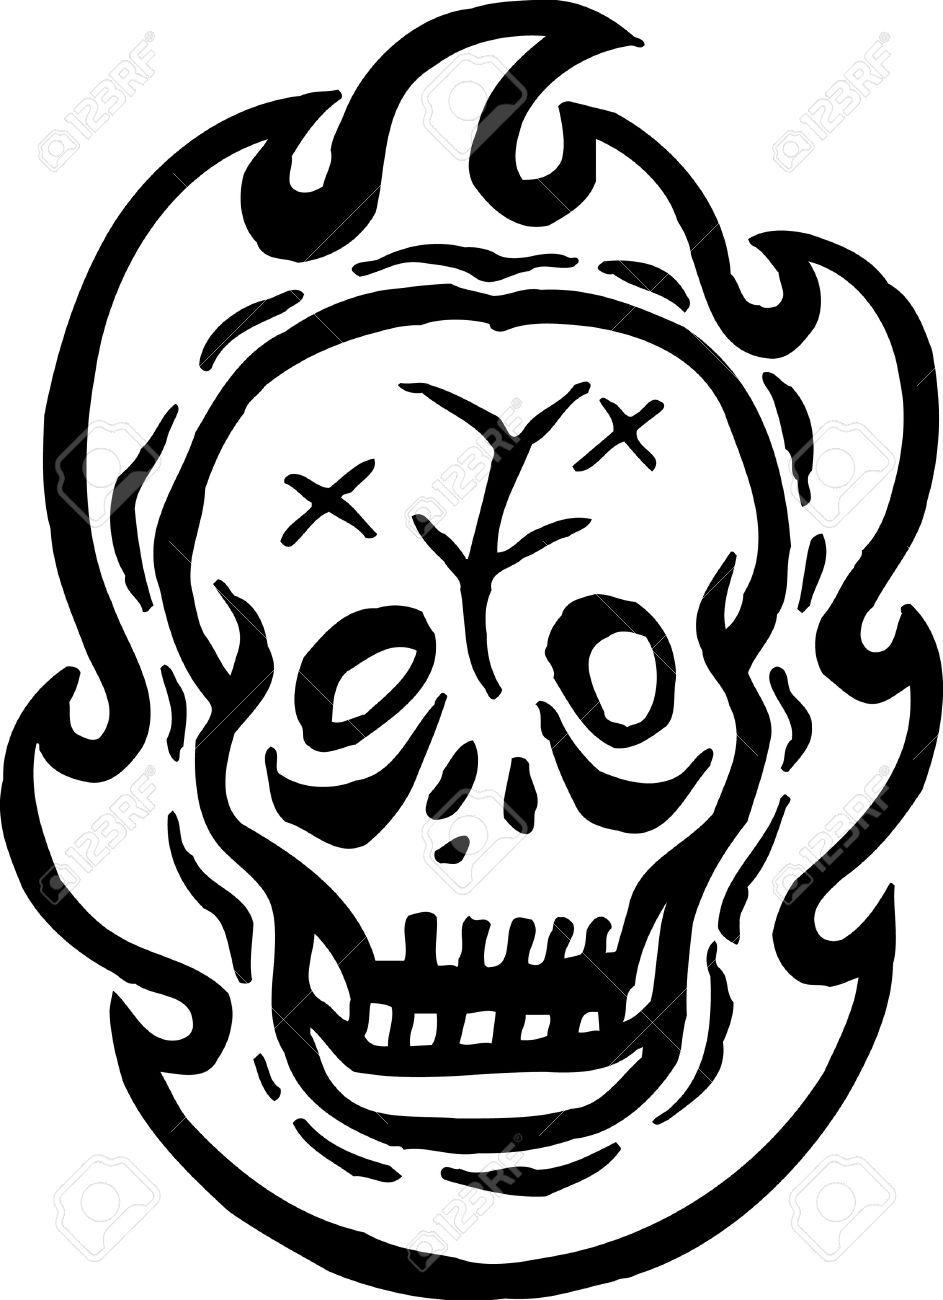 Un Dibujo En Blanco Y Negro De Un Cráneo Y Del Fuego Fotos Retratos